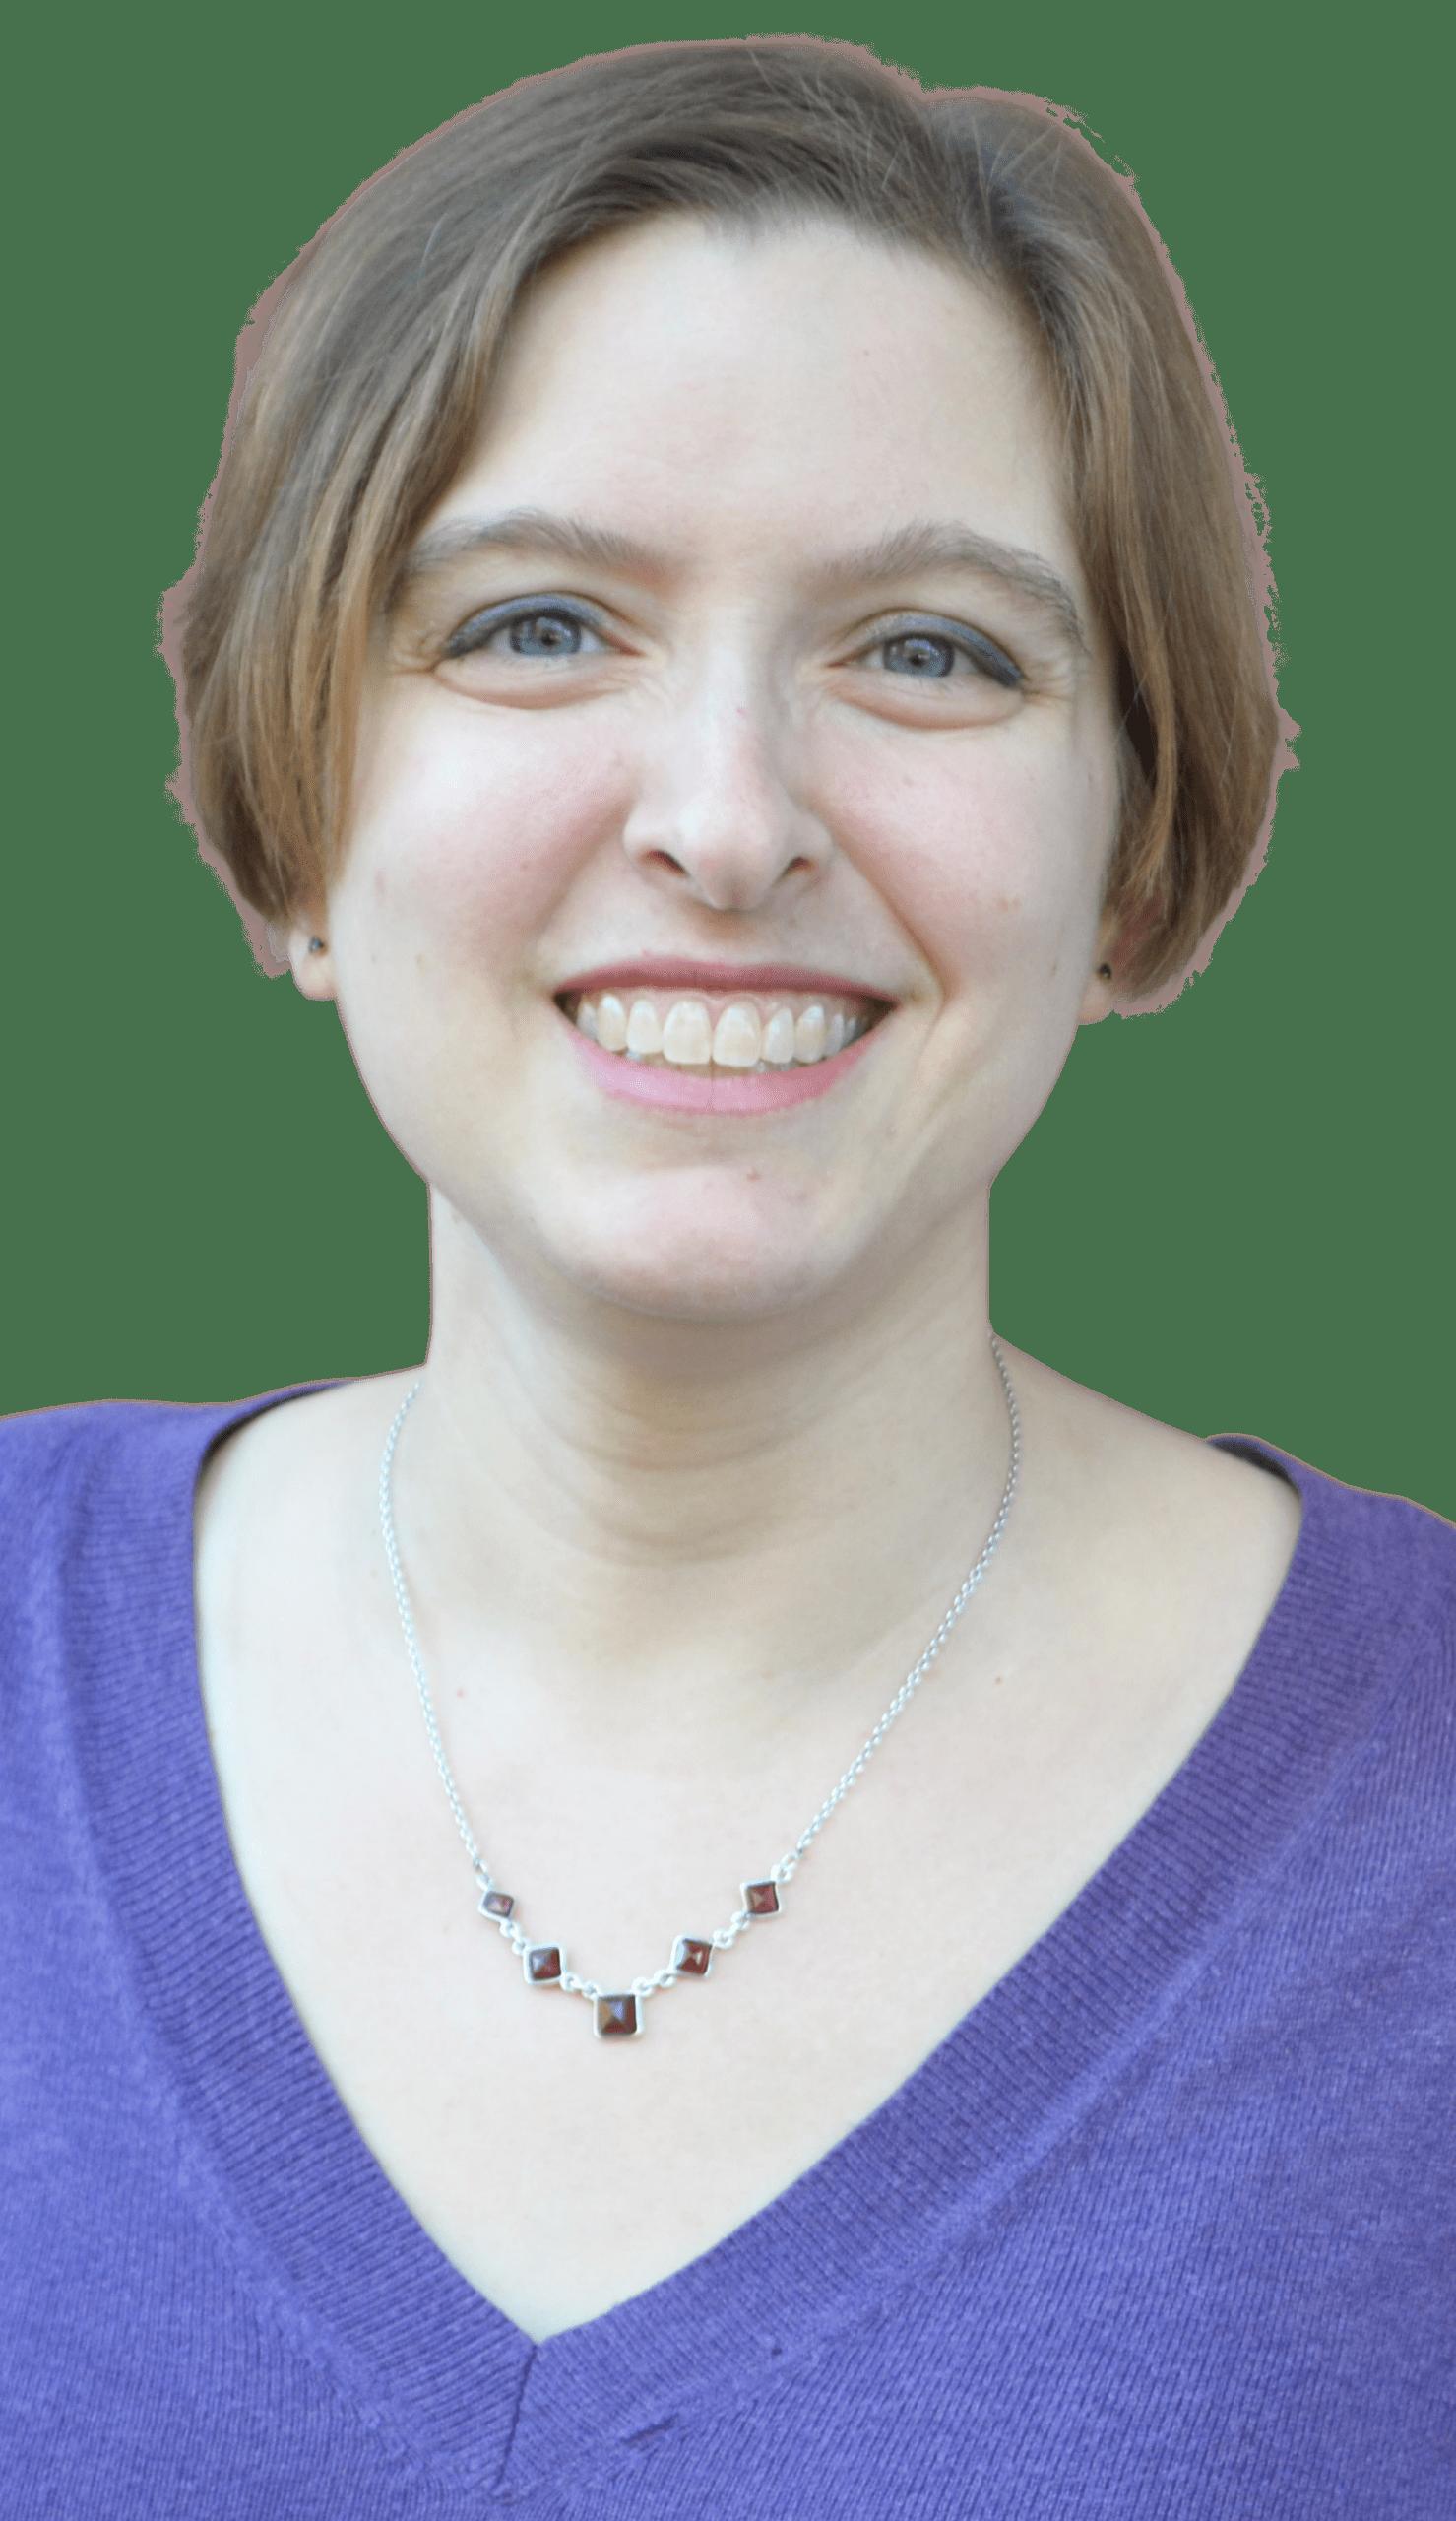 Julie Morgenlender (editor)